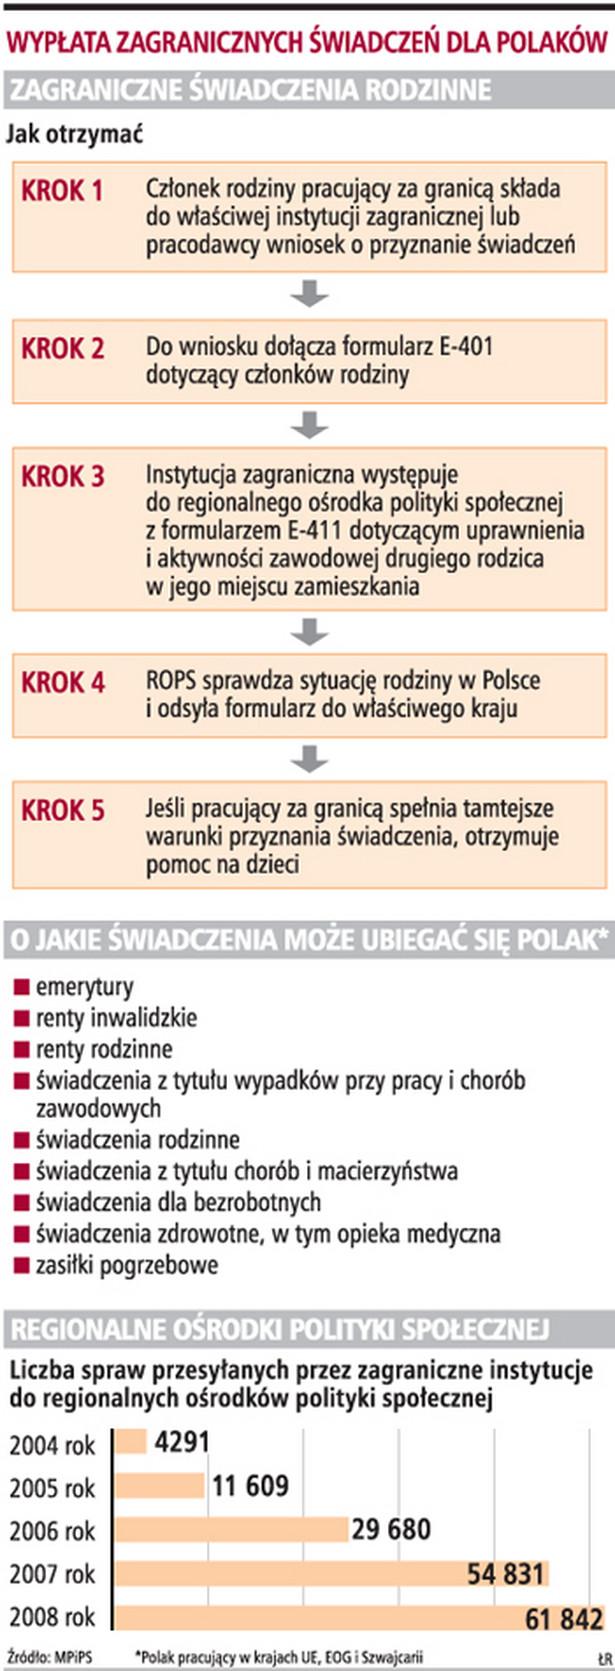 Wypłata zagranicznych świadczeń dla Polaków